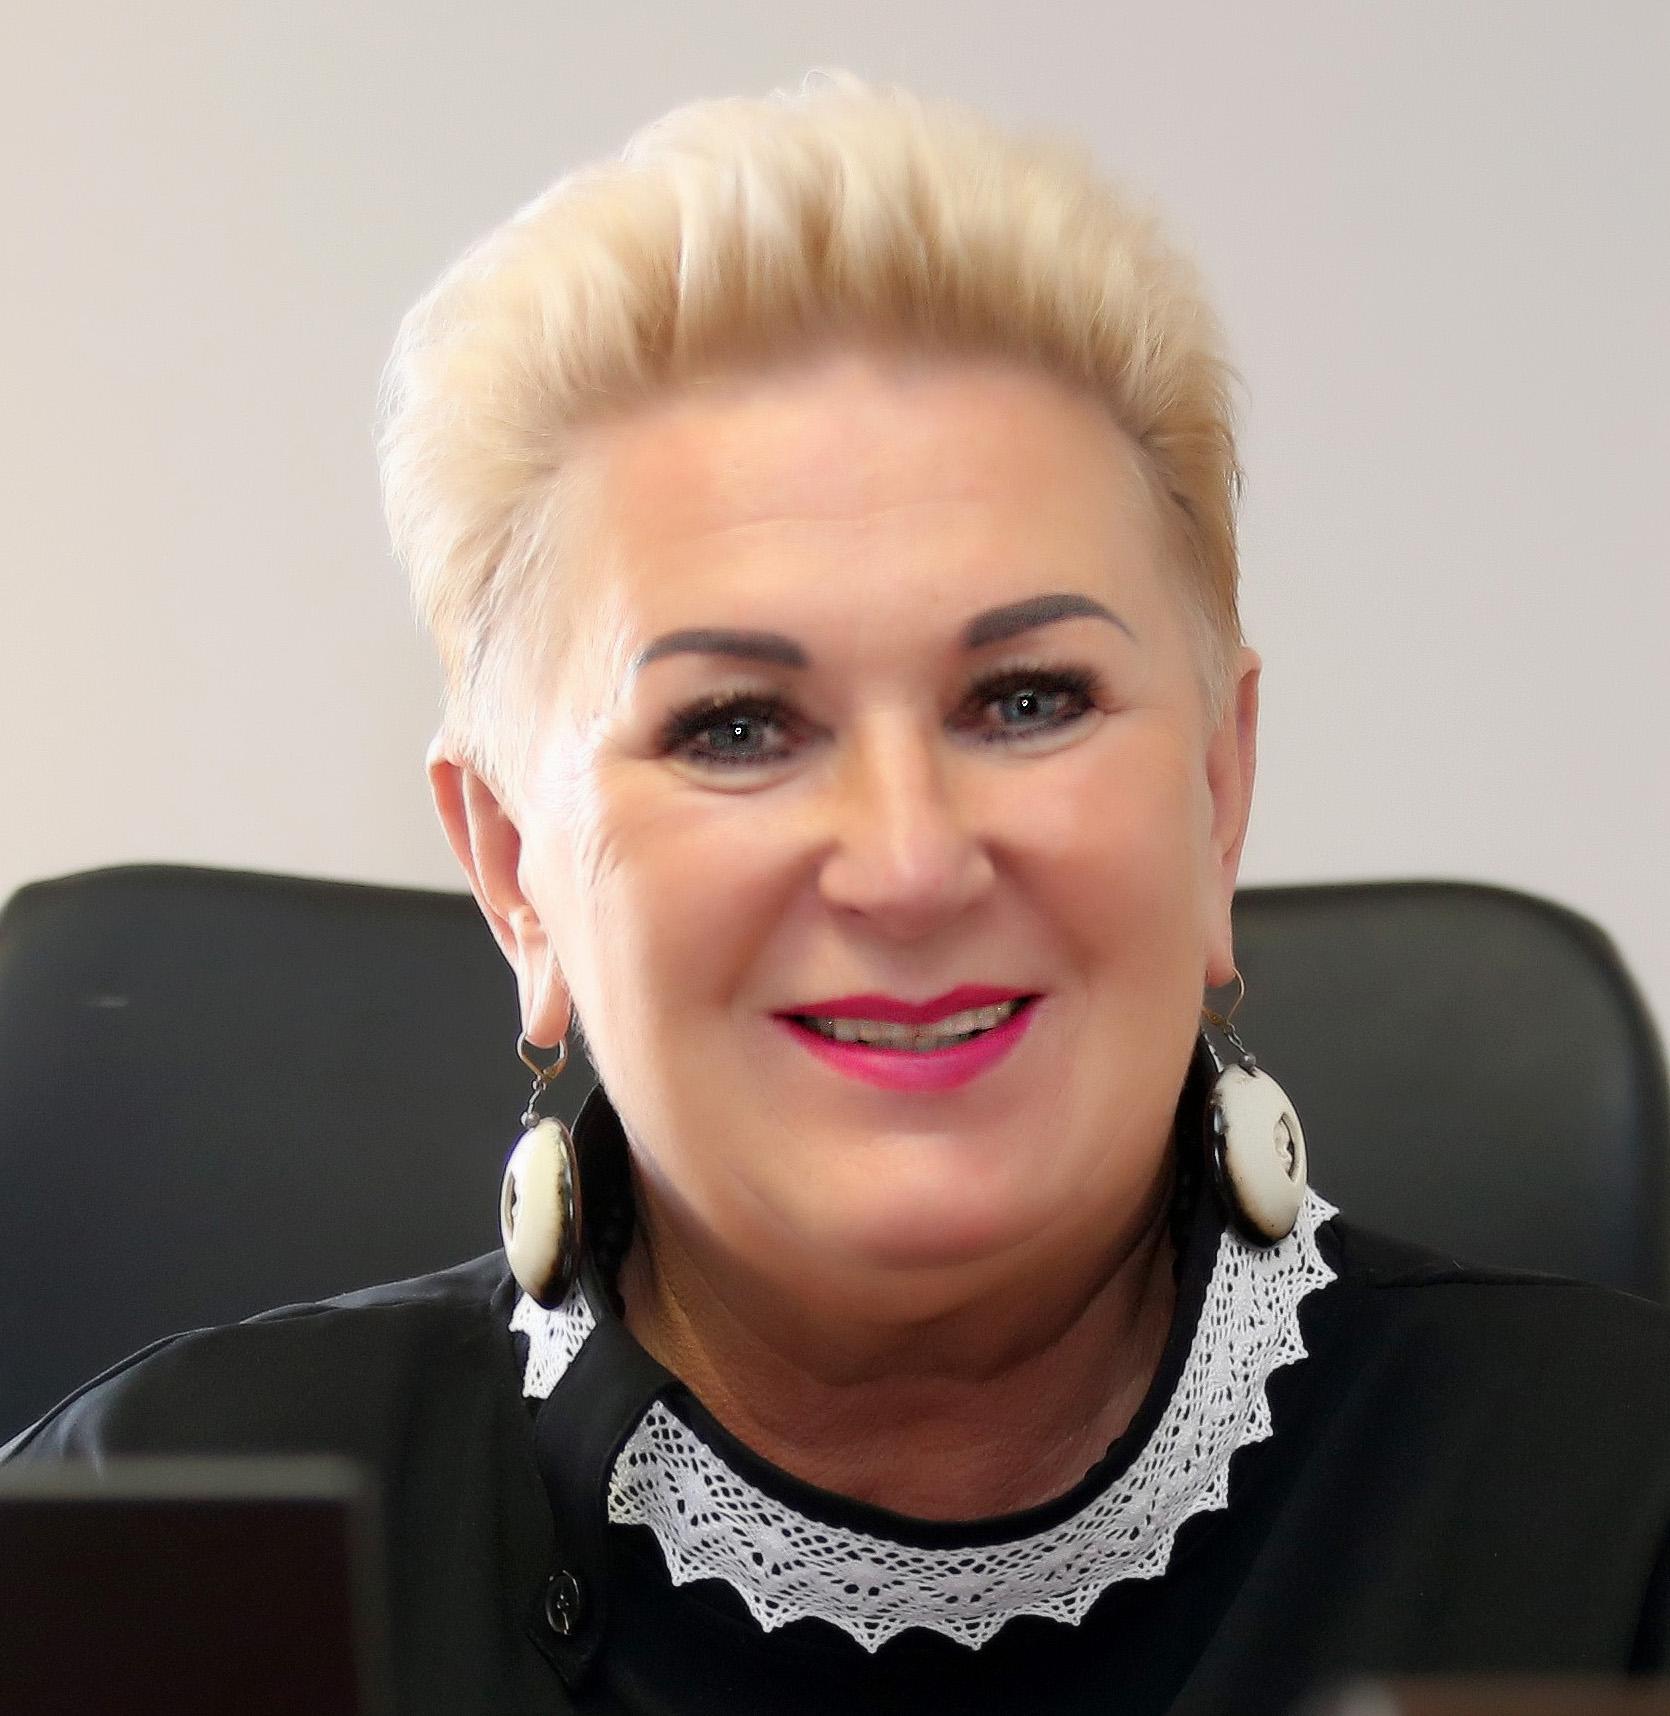 Irena Staliorienė linki atrasti savanorystę, nes, pasak jos, kai duodi, pilnėja širdis. Algimanto Barzdžiaus nuotr.